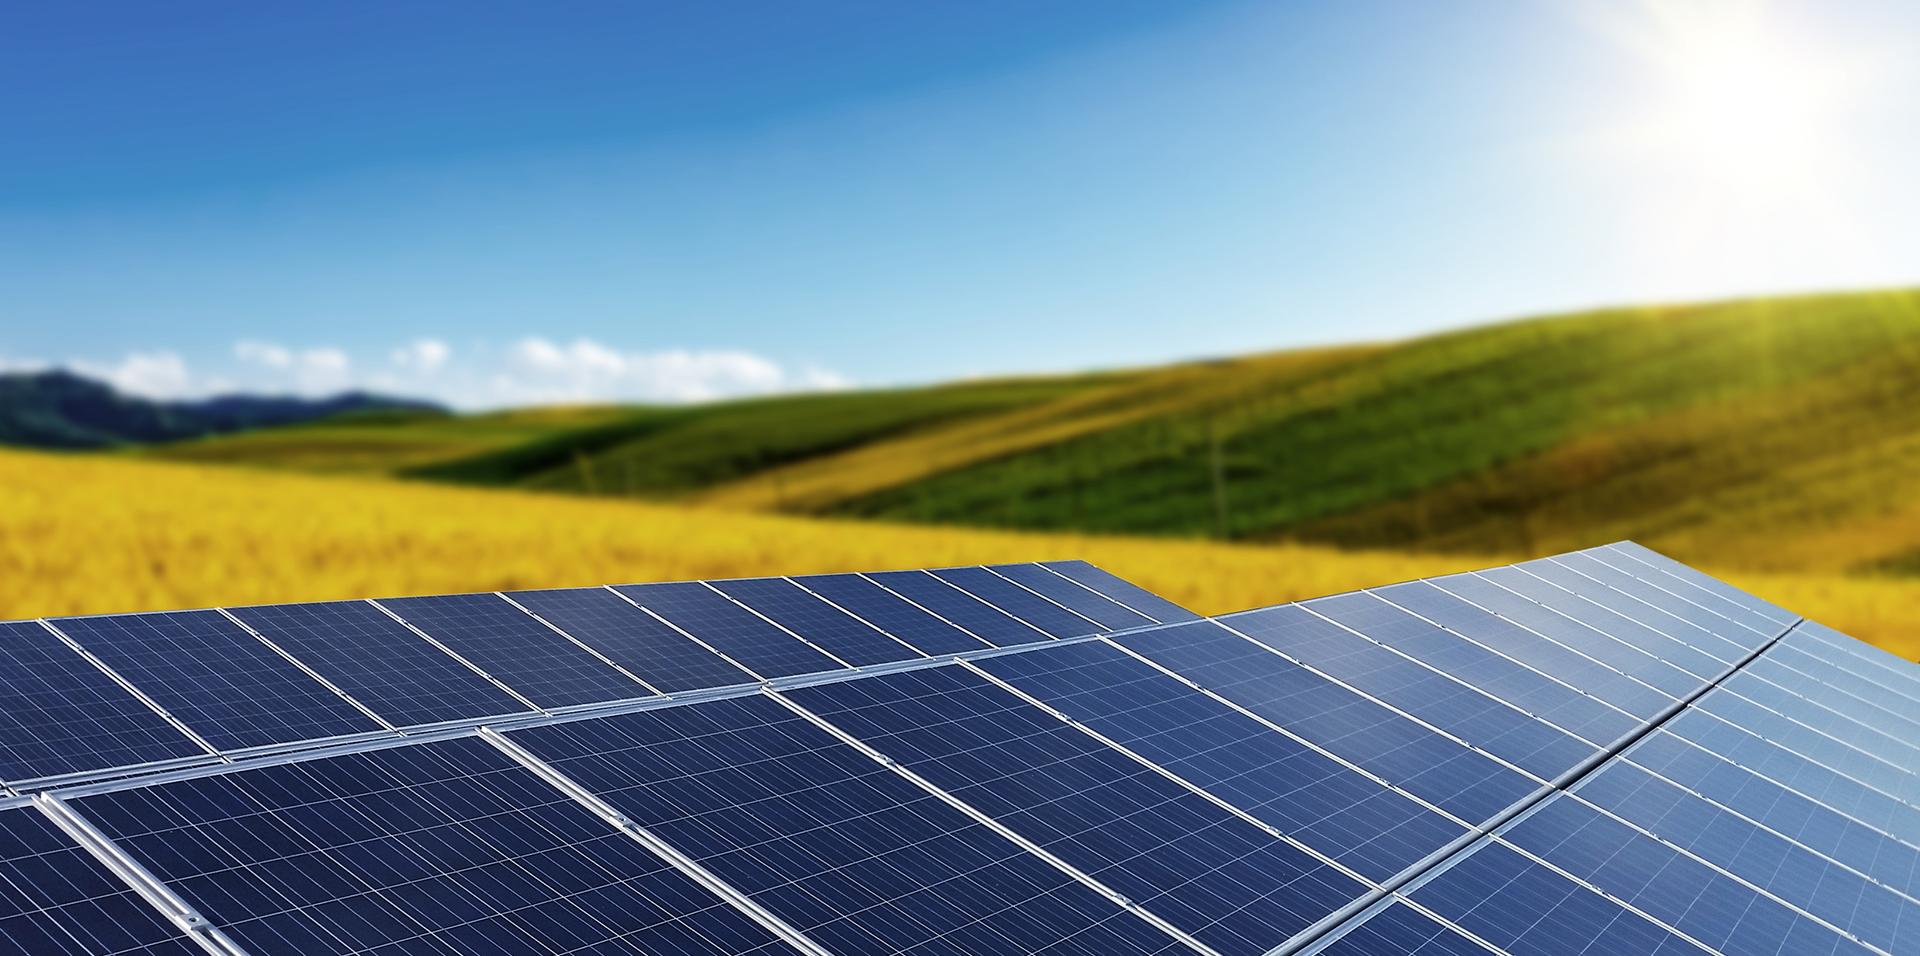 天壕新能源投资集团-投资节能环保行业